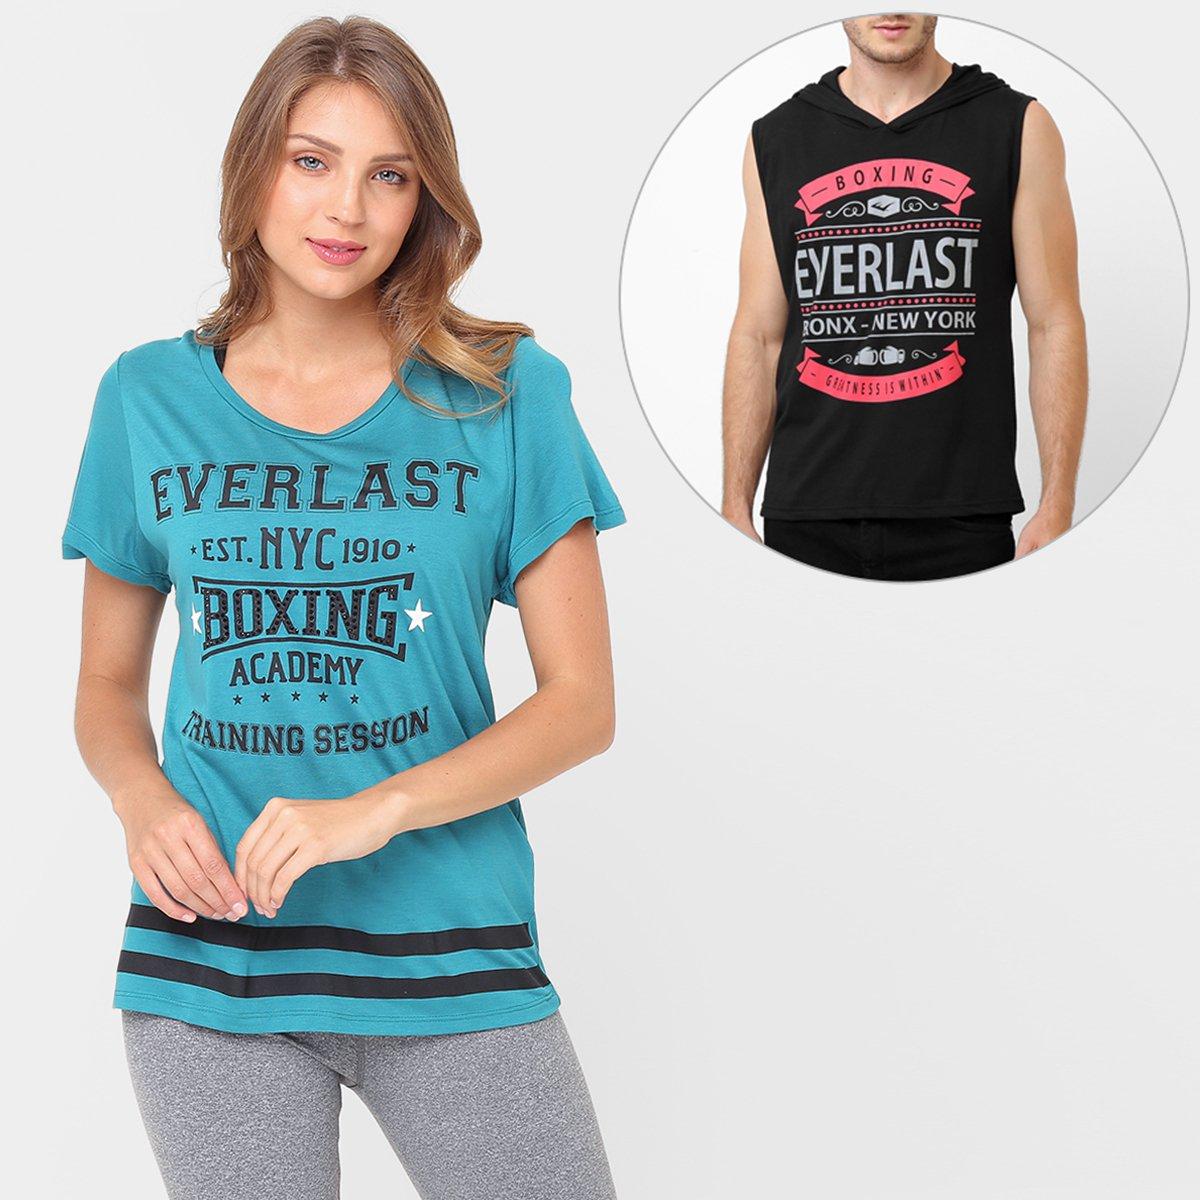 Kit Camiseta Everlast + Camiseta Regata Everlast c  Capuz - Compre Agora  ed4113e7ff9